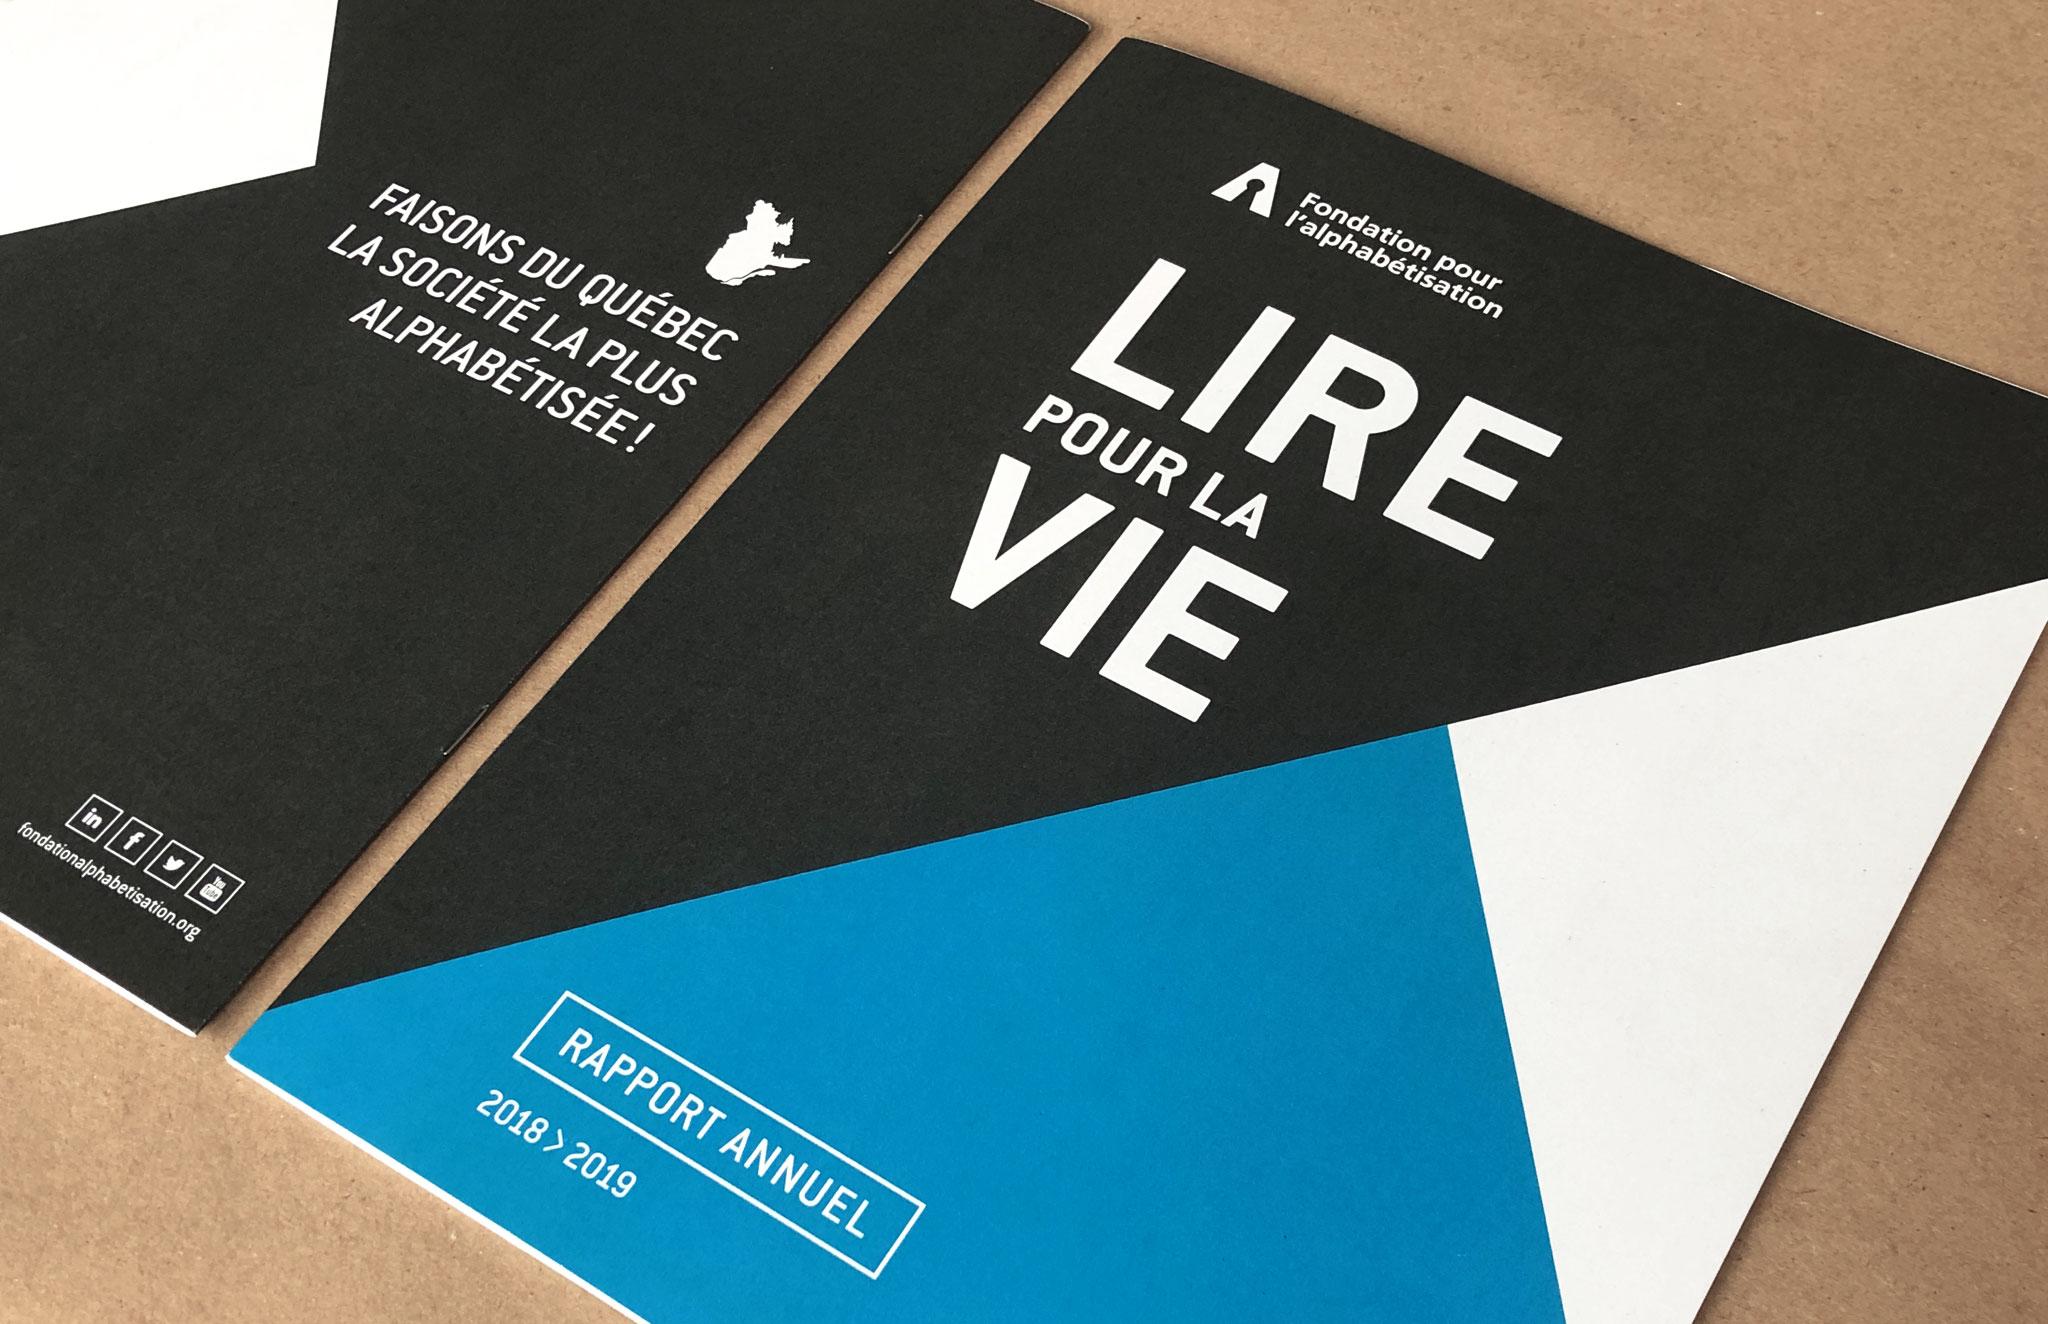 Rapport annuel de la Fondation pour l'alphabétisation.